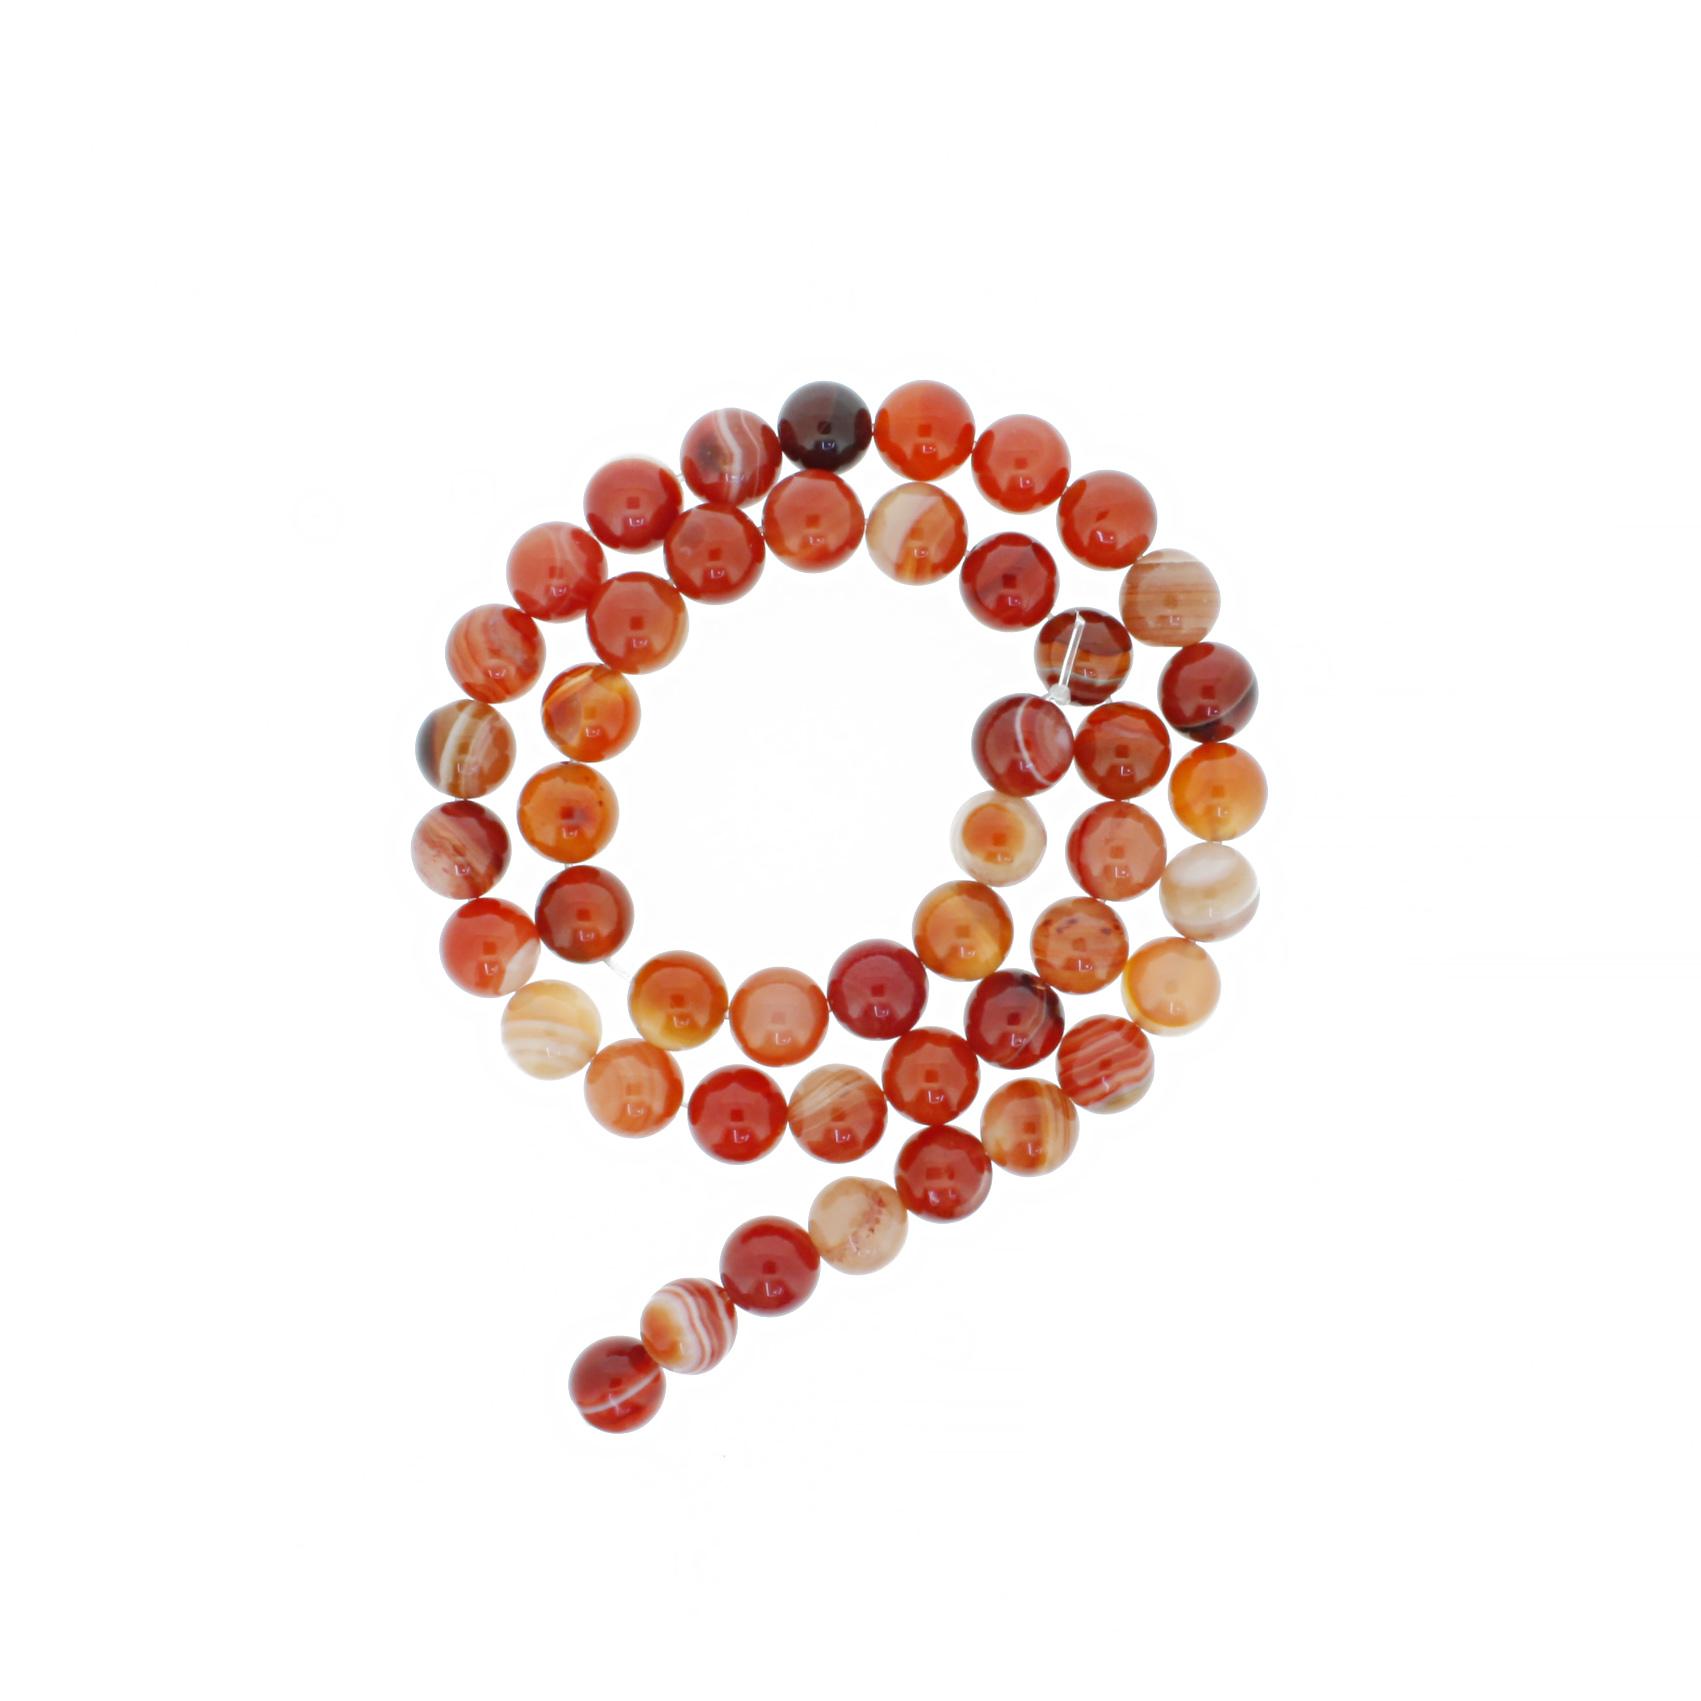 Fio de Pedra - Ágata de Fogo - 8mm  - Stéphanie Bijoux® - Peças para Bijuterias e Artesanato